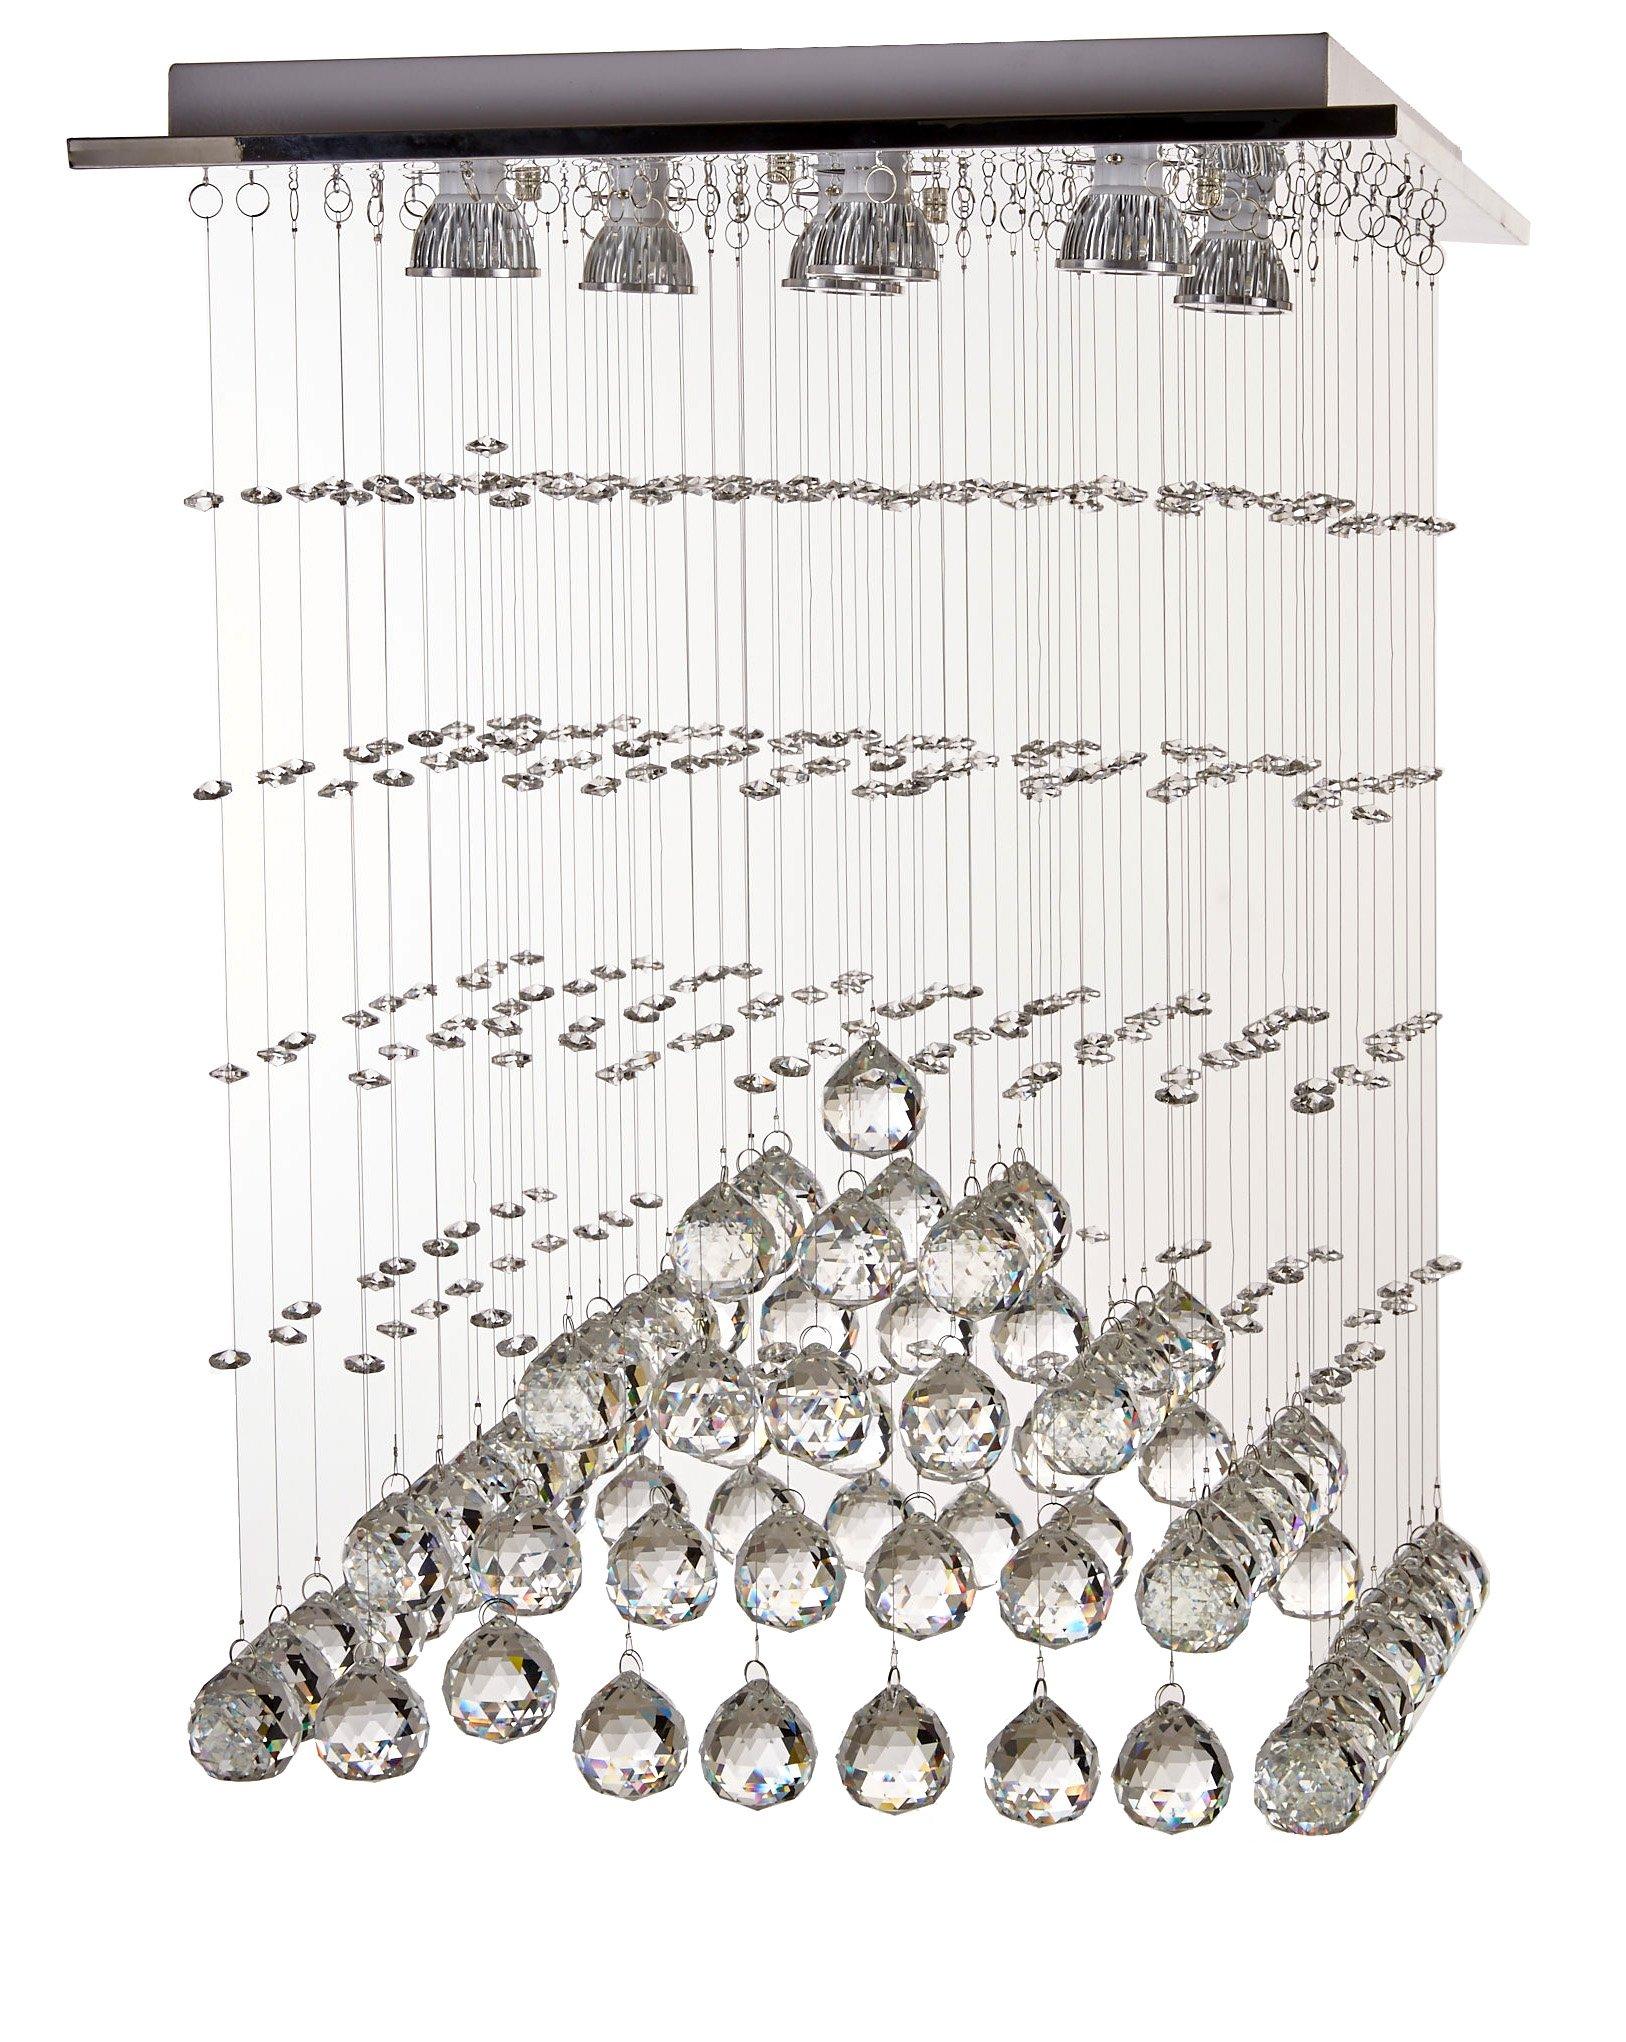 Diamond Life 现代雨滴 LED 吊灯带水晶球天花板照明灯具 宽 18 x长 18 x高 24,含灯泡